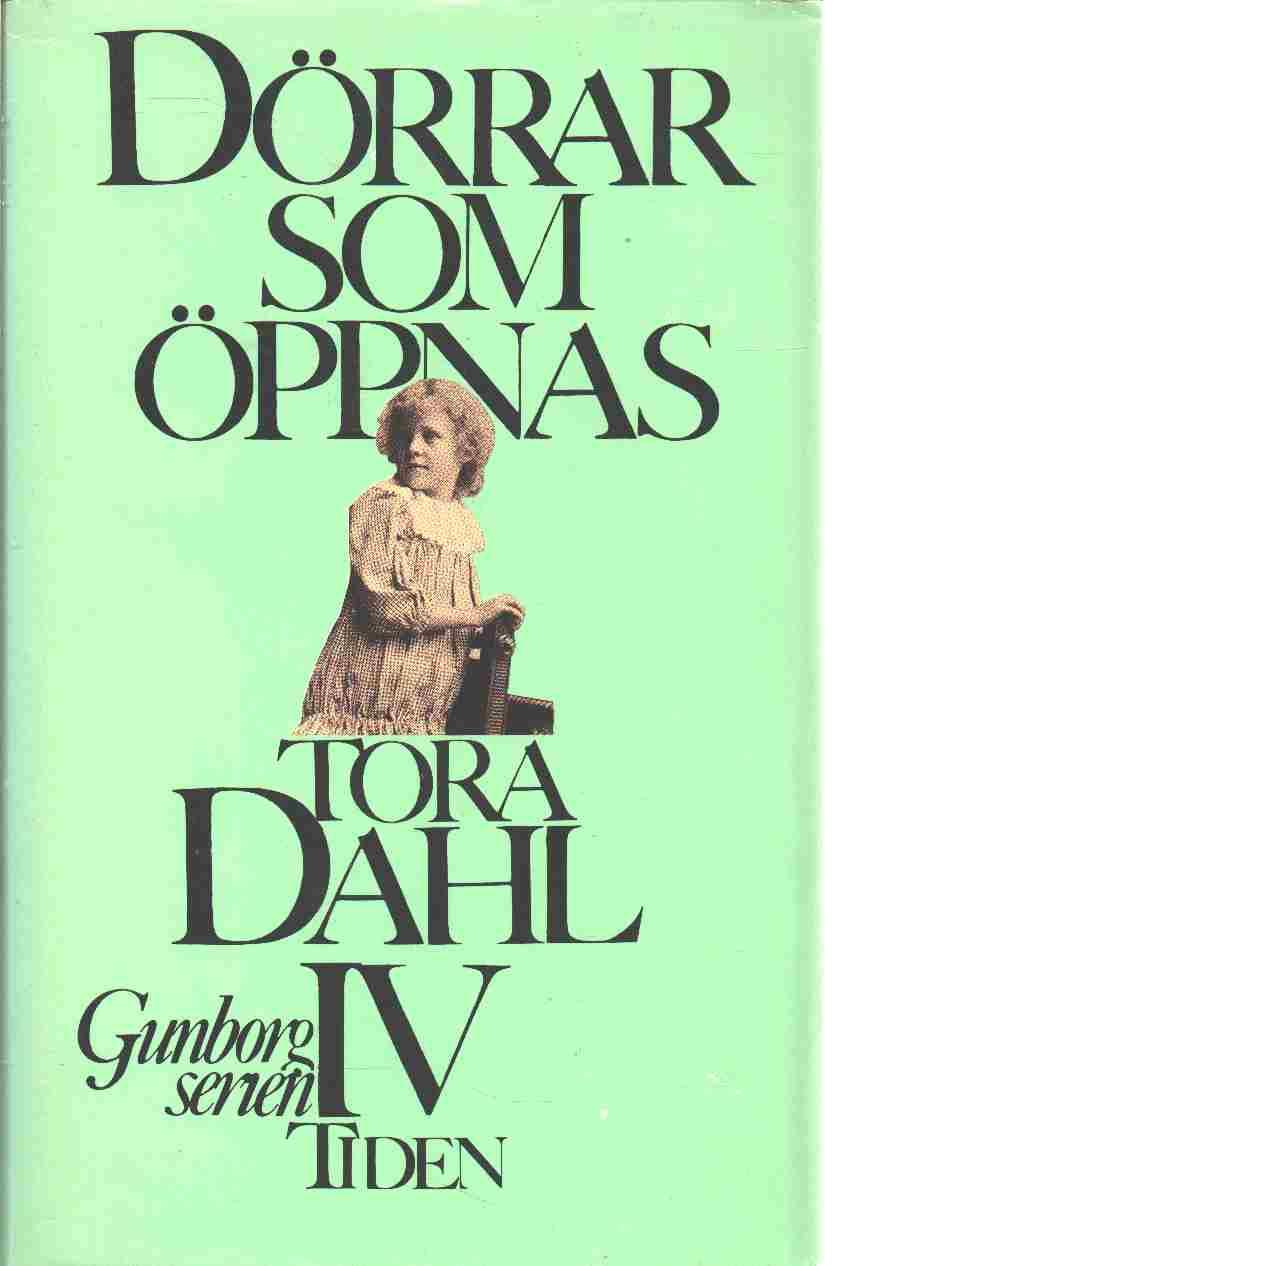 Dörrar som öppnas - Dahl, Tora